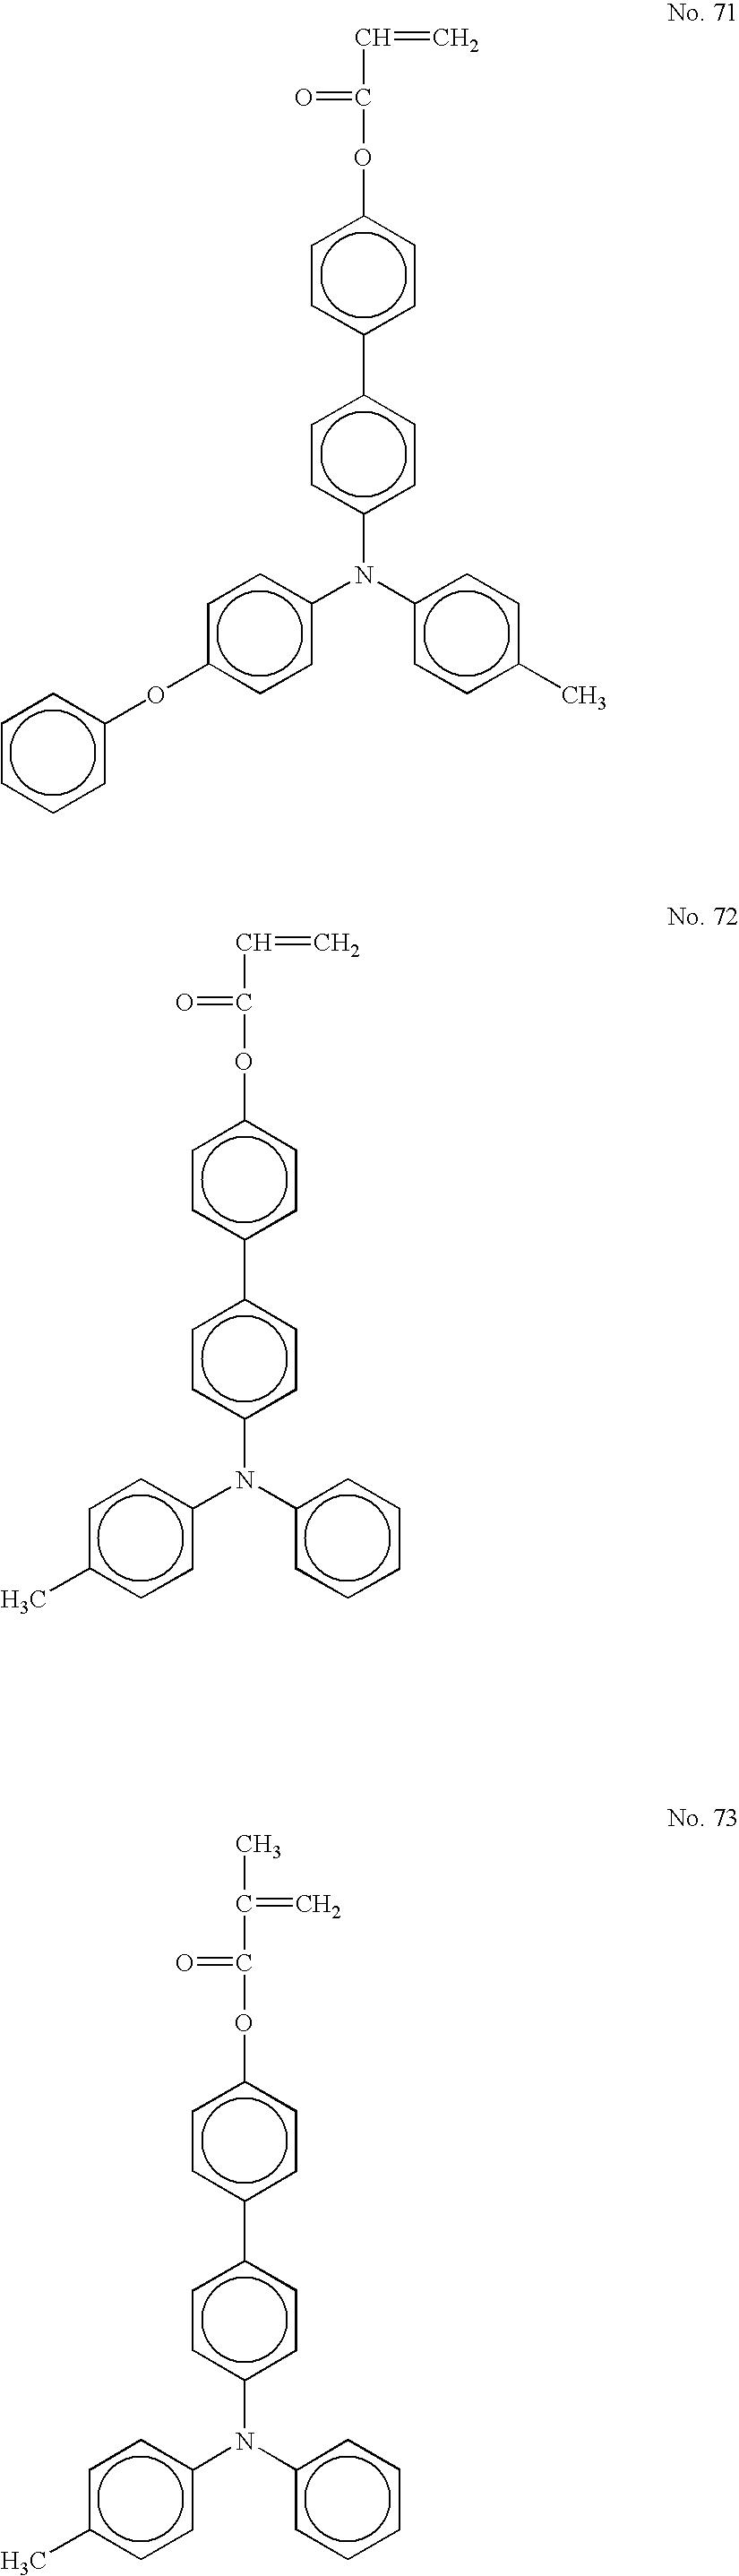 Figure US20060177749A1-20060810-C00040